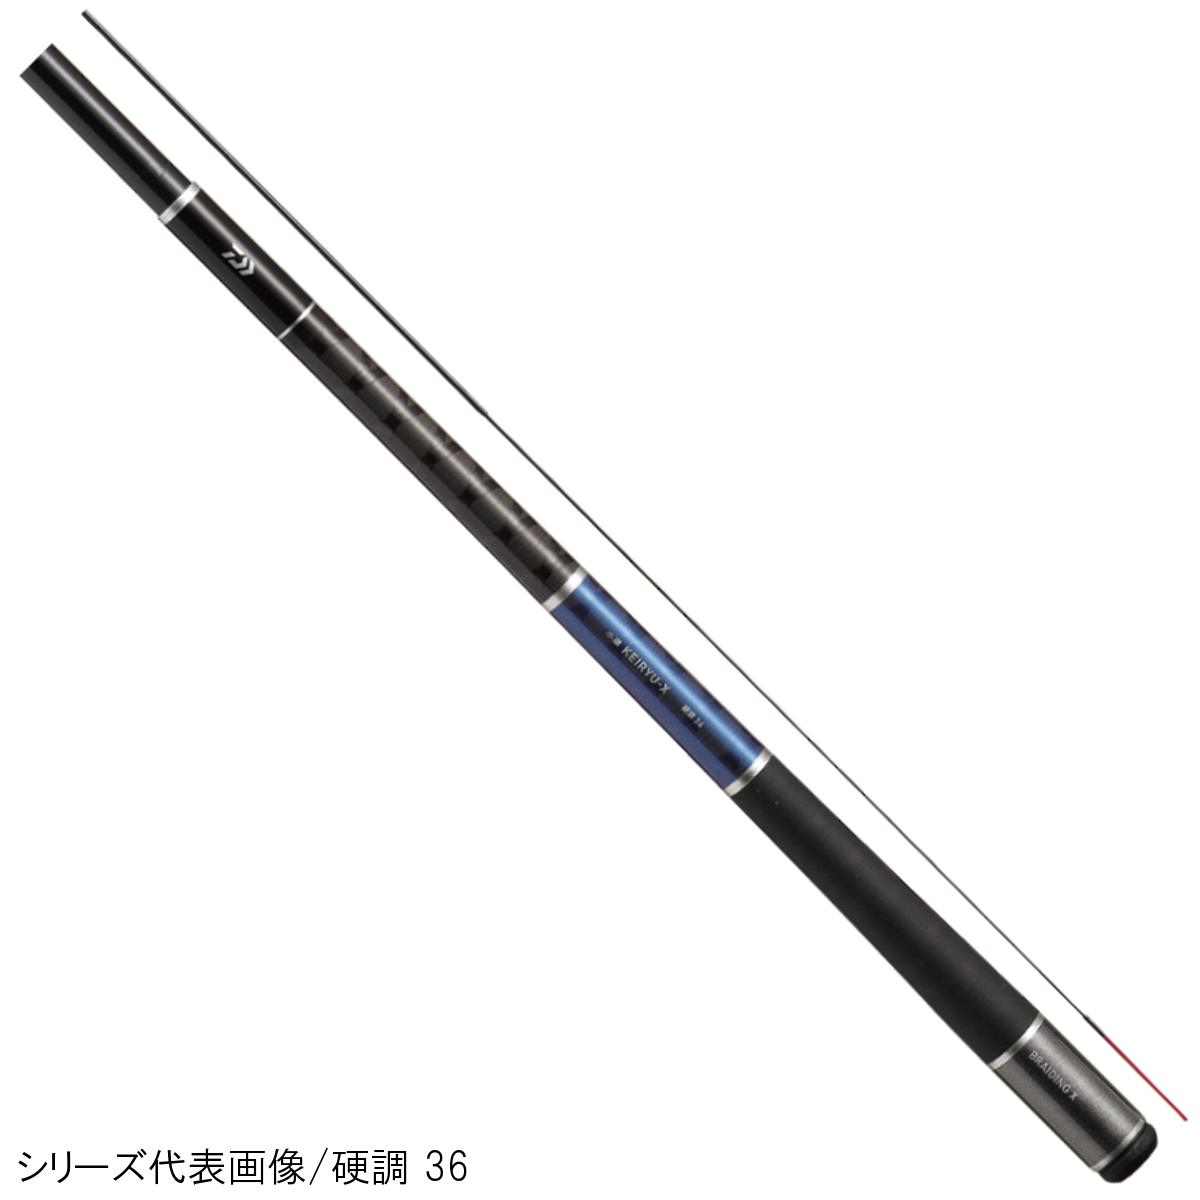 ダイワ 小継 渓流 X 硬調 42(東日本店)